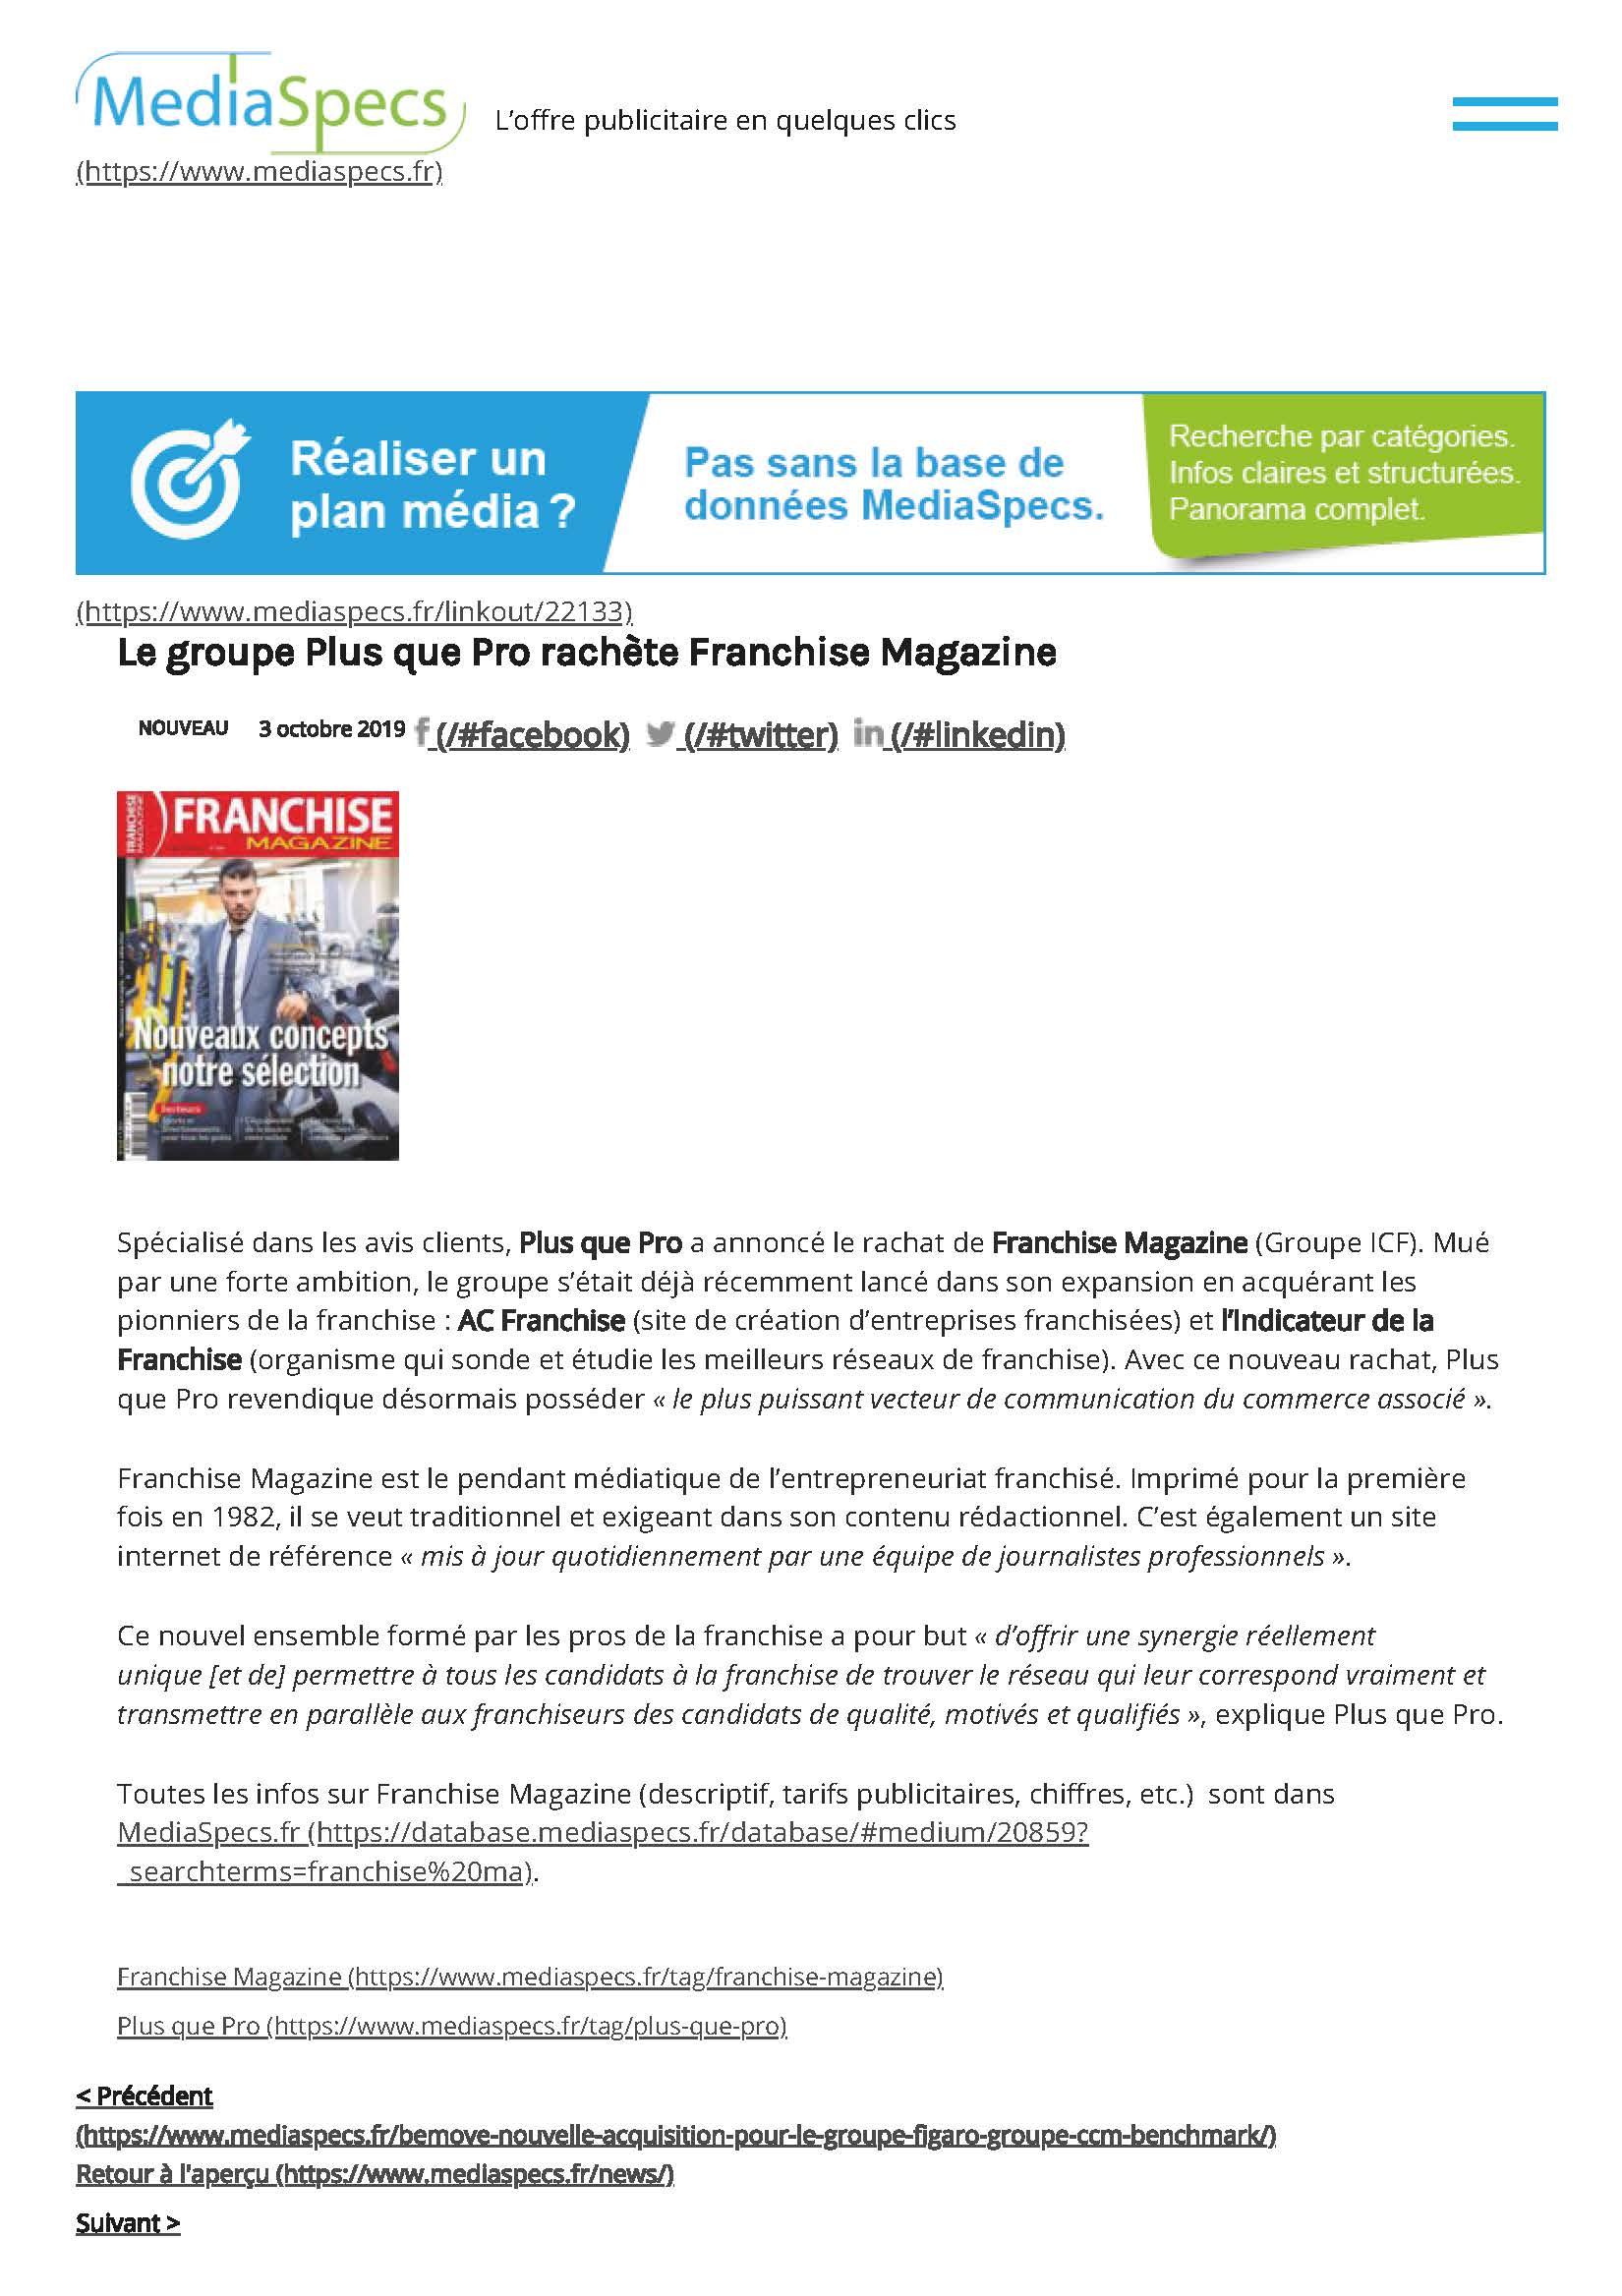 Article MediaSpecs sur le rachat de Franchise Magazine